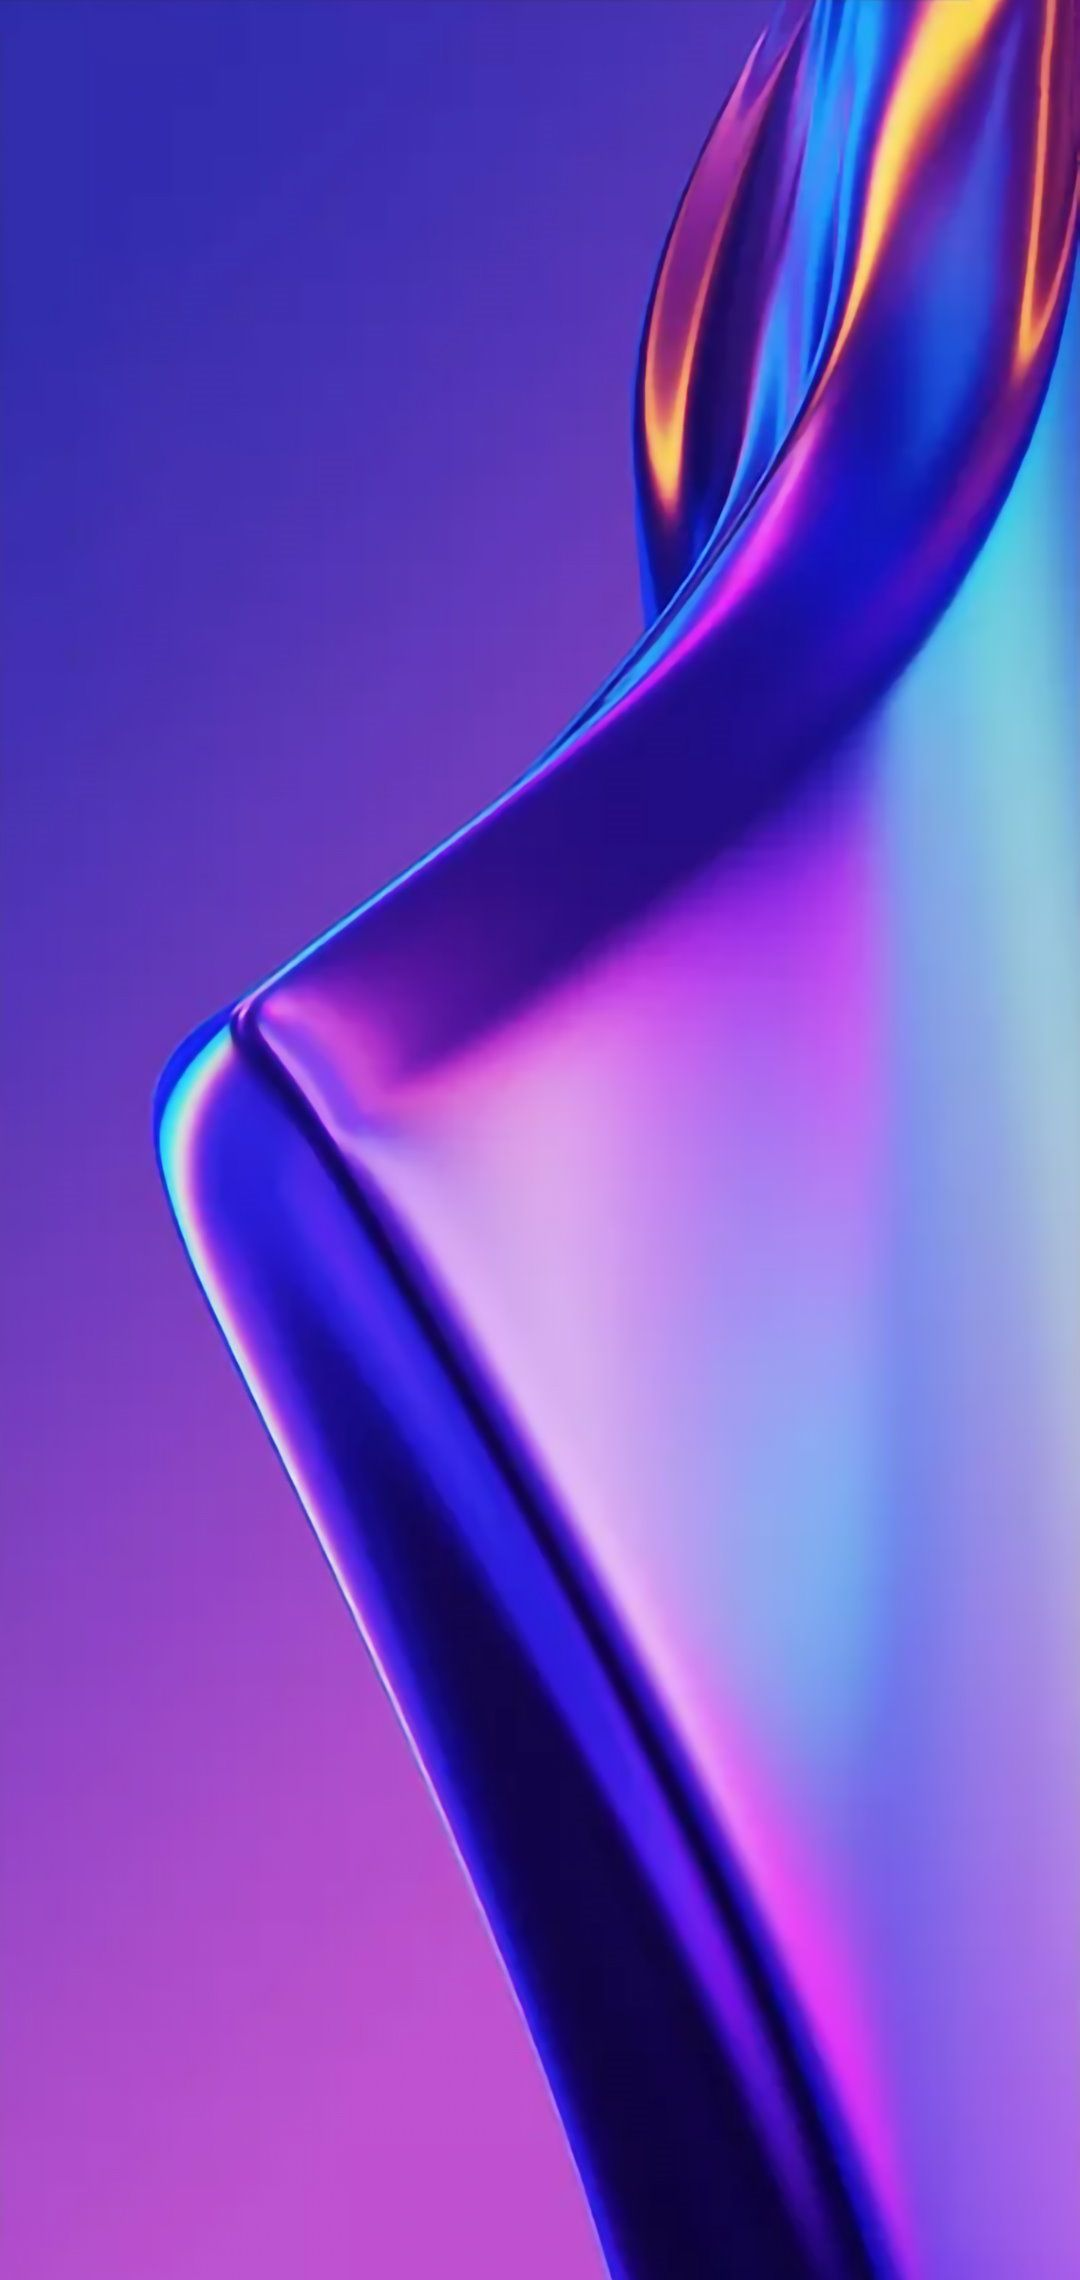 Wallpapers Samsung Galaxy Note 10 Fond D Ecran Telephone Fond D Ecran Portable Fond D Ecran Blog